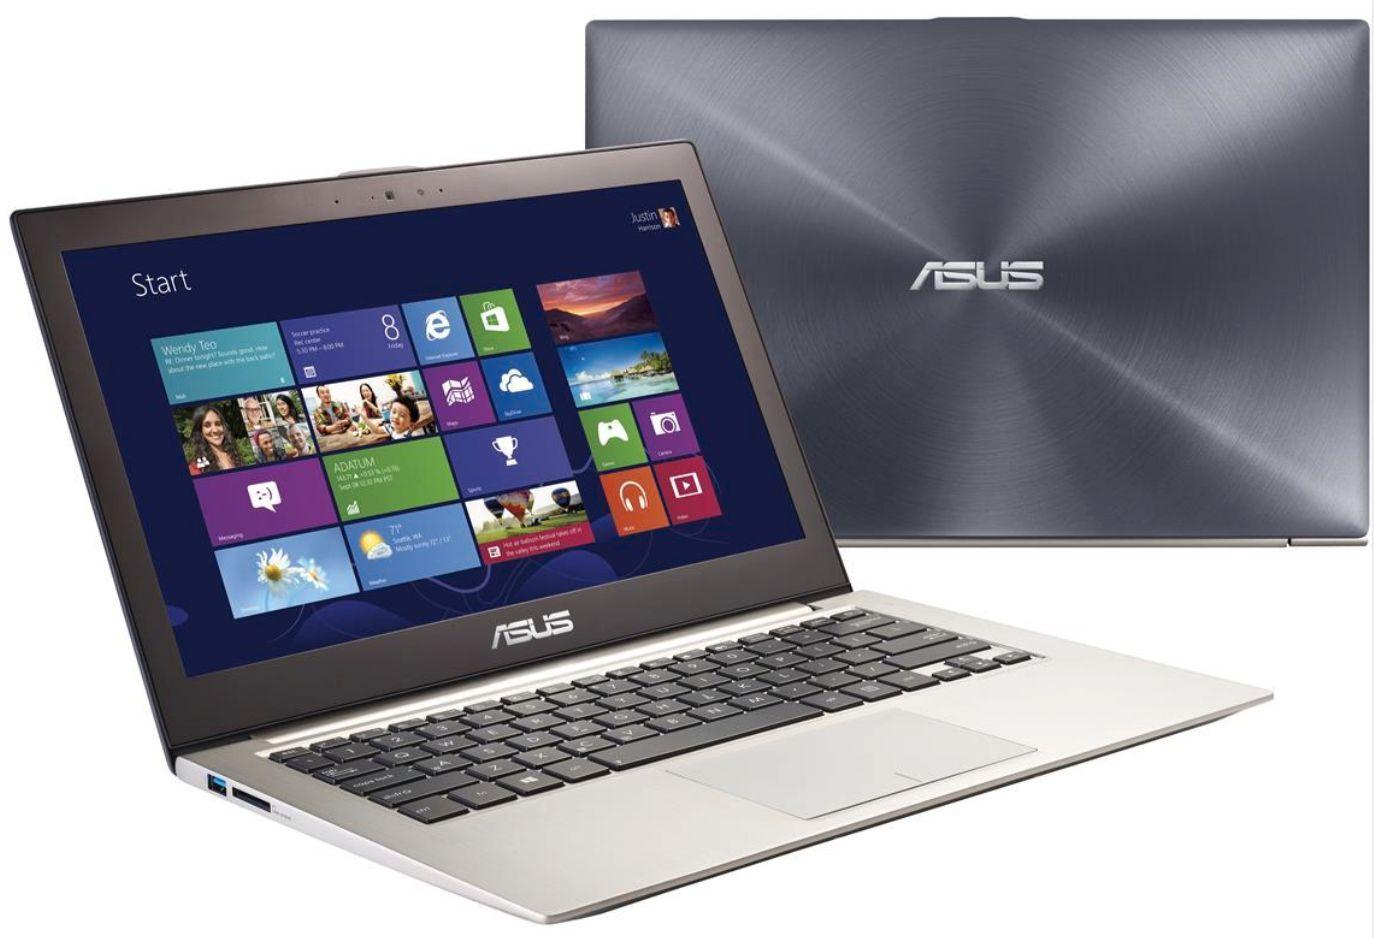 Asus Zenbook UX32LA.